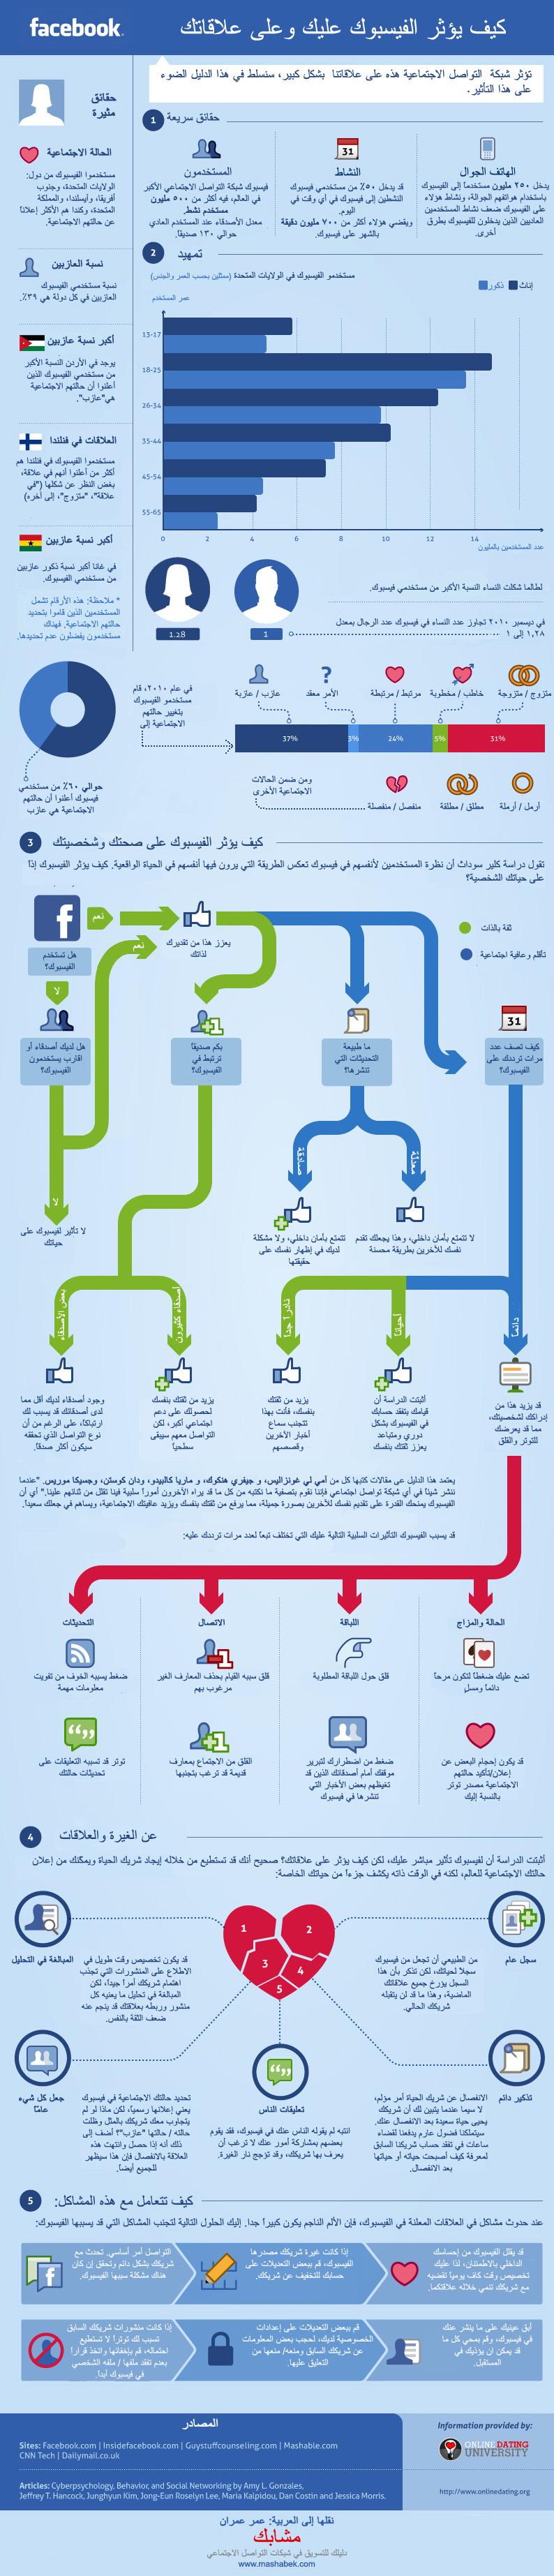 كيف يؤثر فيسبوك عليك وعلى علاقاتك الاجتماعية